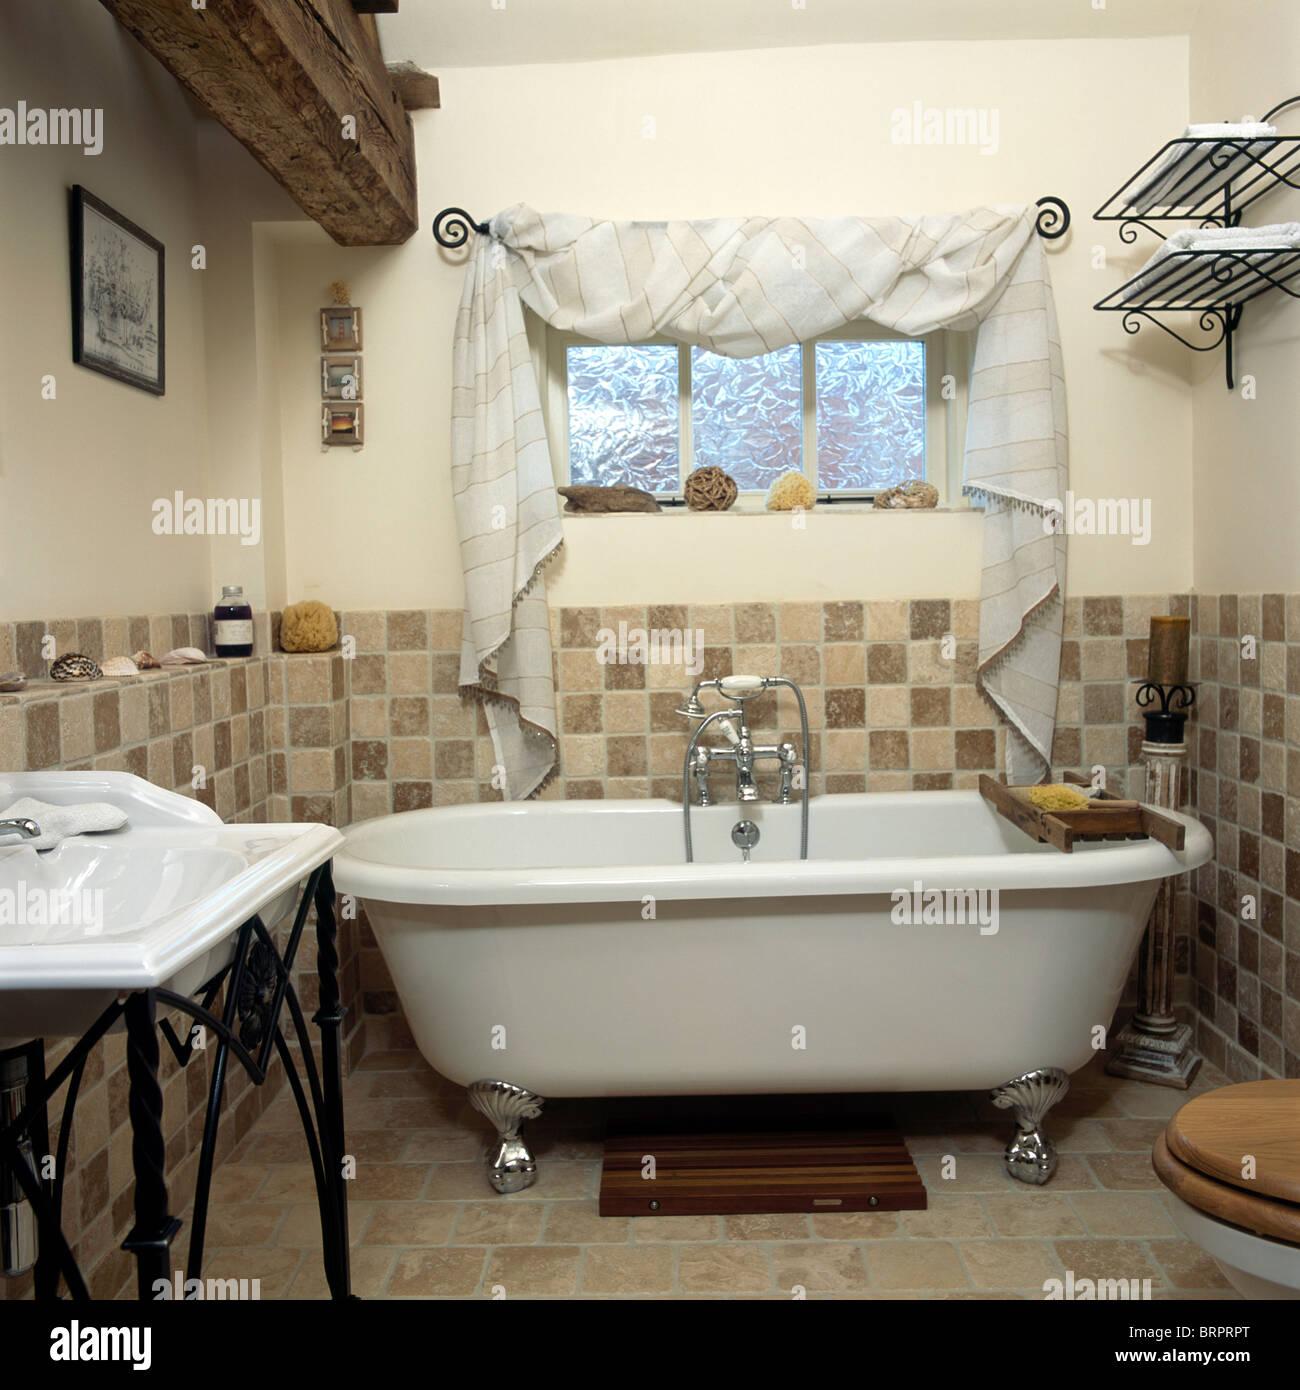 badewanne h he freistehende badewanne bw ix120. Black Bedroom Furniture Sets. Home Design Ideas